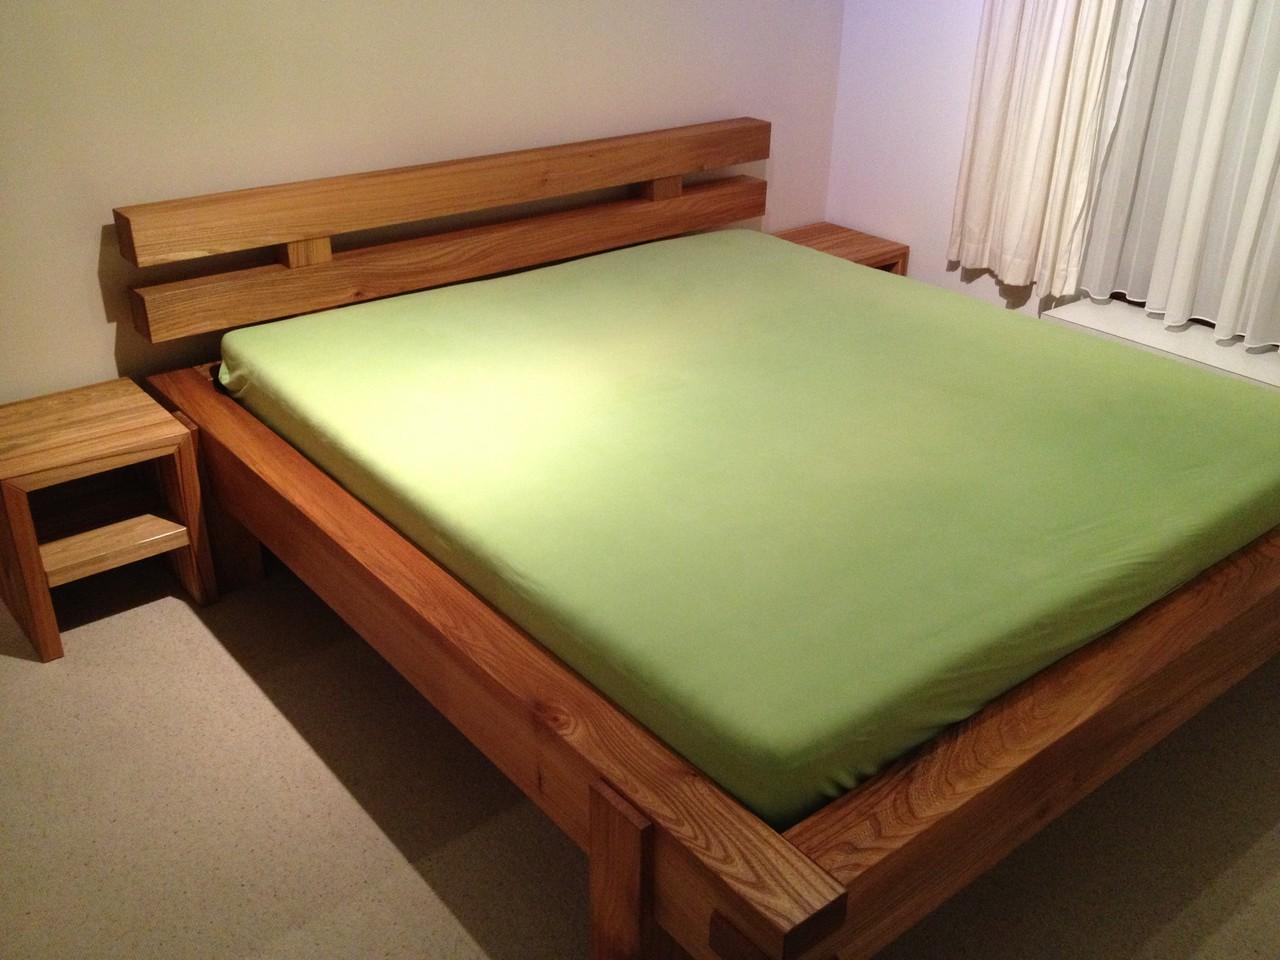 Betten ruedi raymann schreinerei und innenausbau st for Badezimmer jona